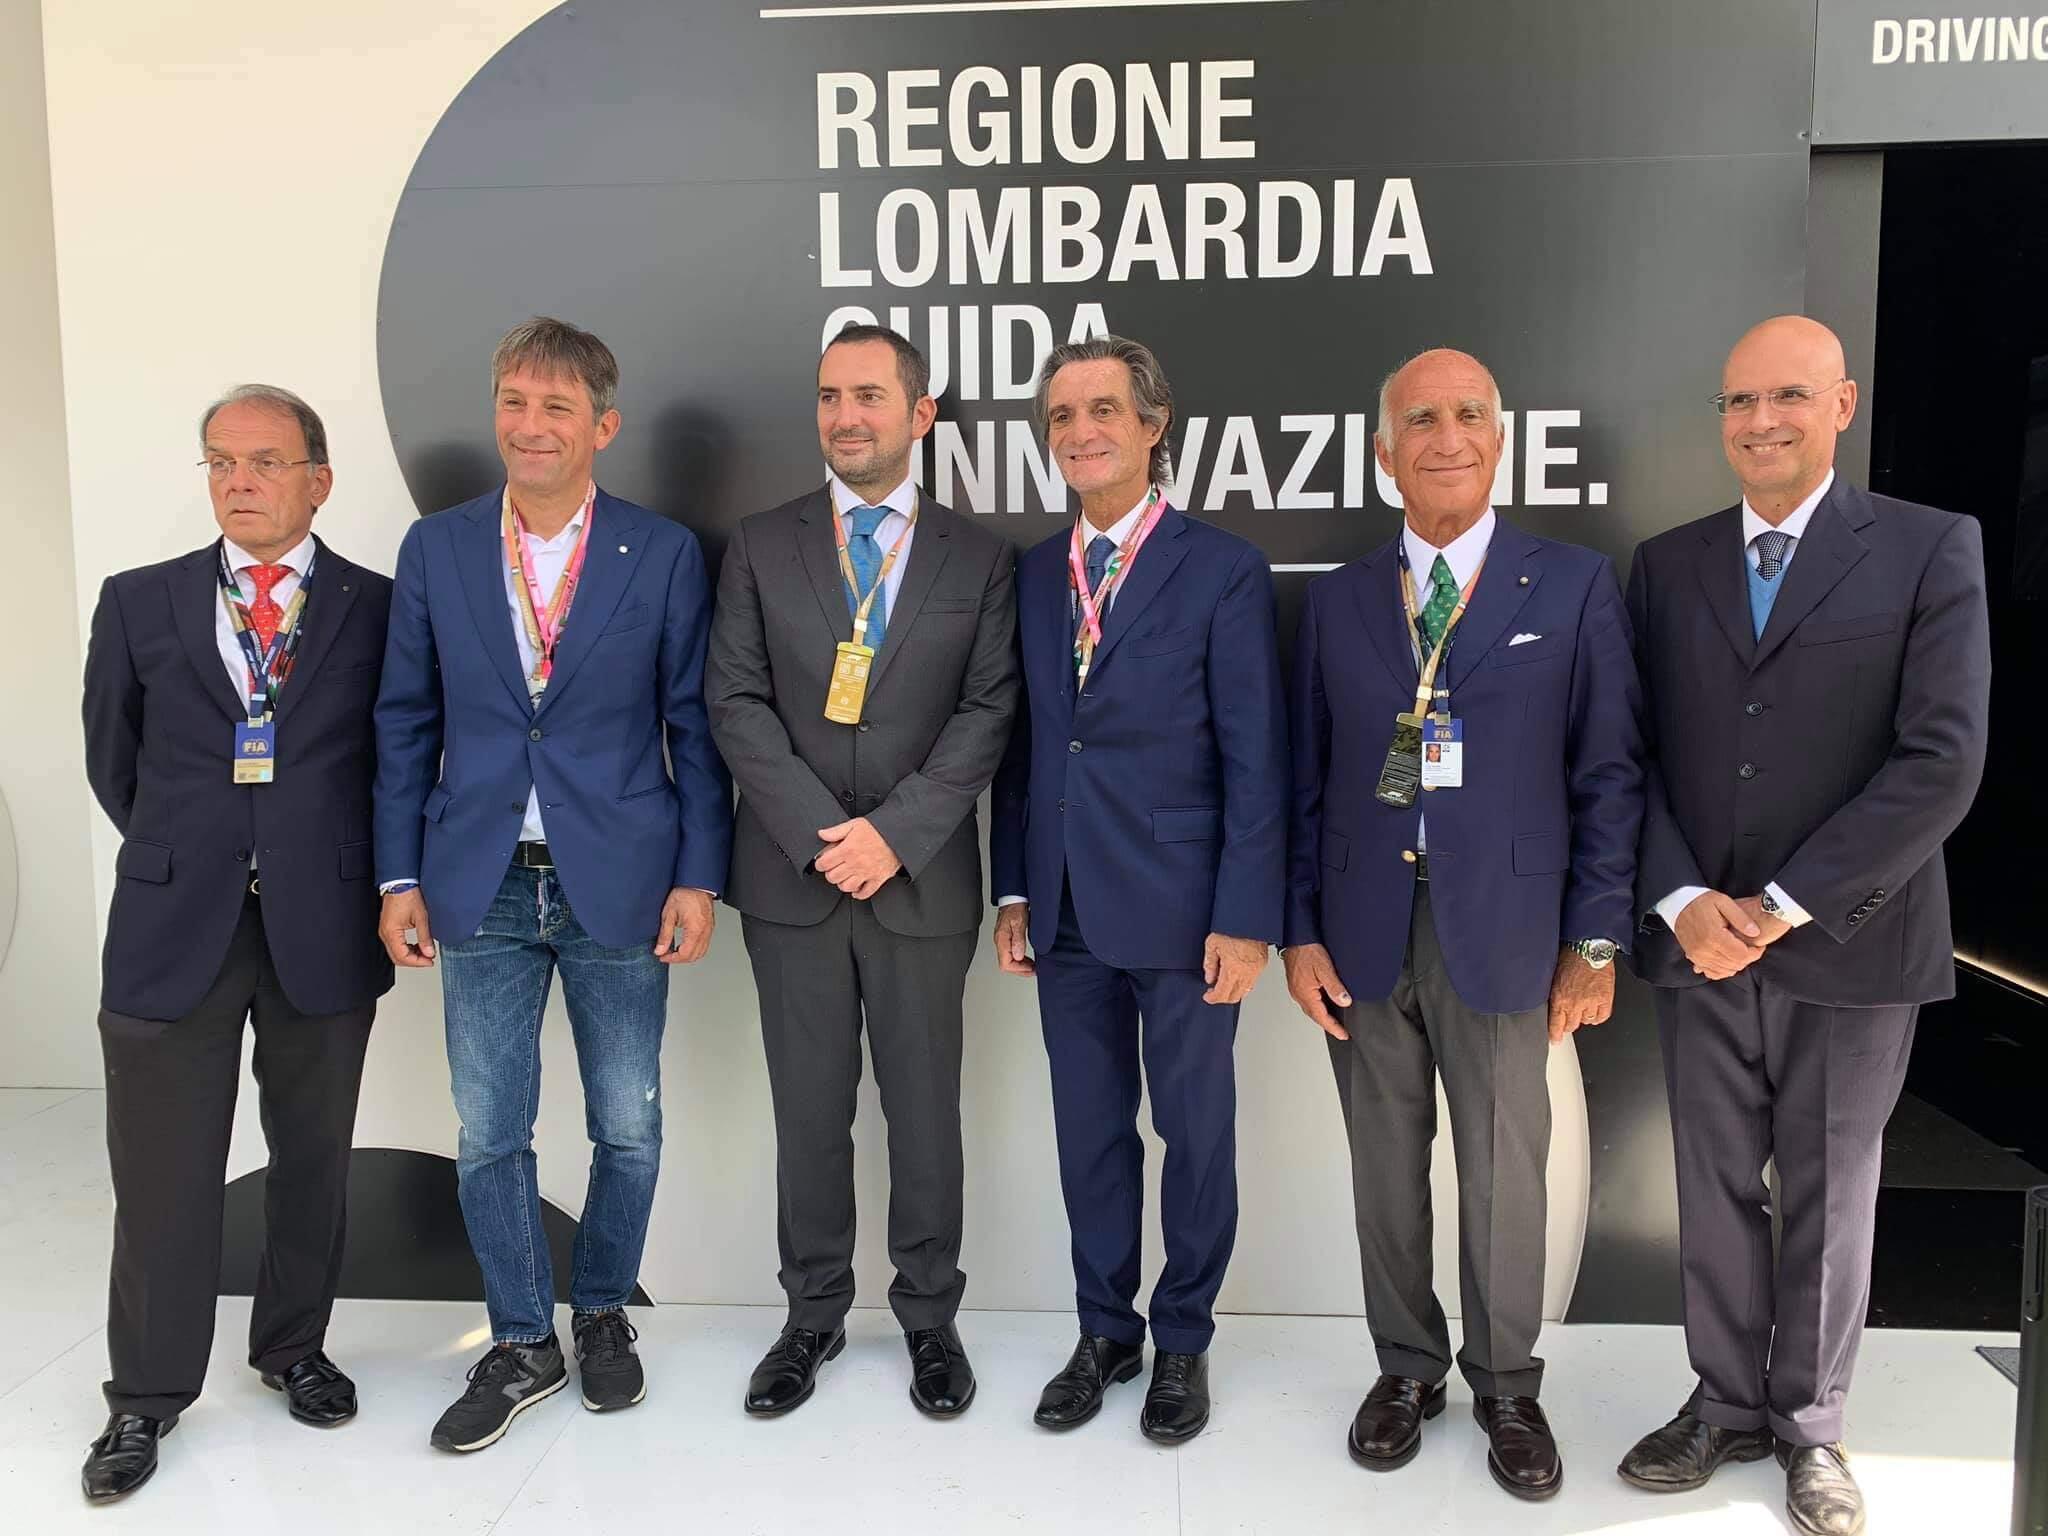 Gp_Monza_Ferrari_Regione_Lombardia_Inrete